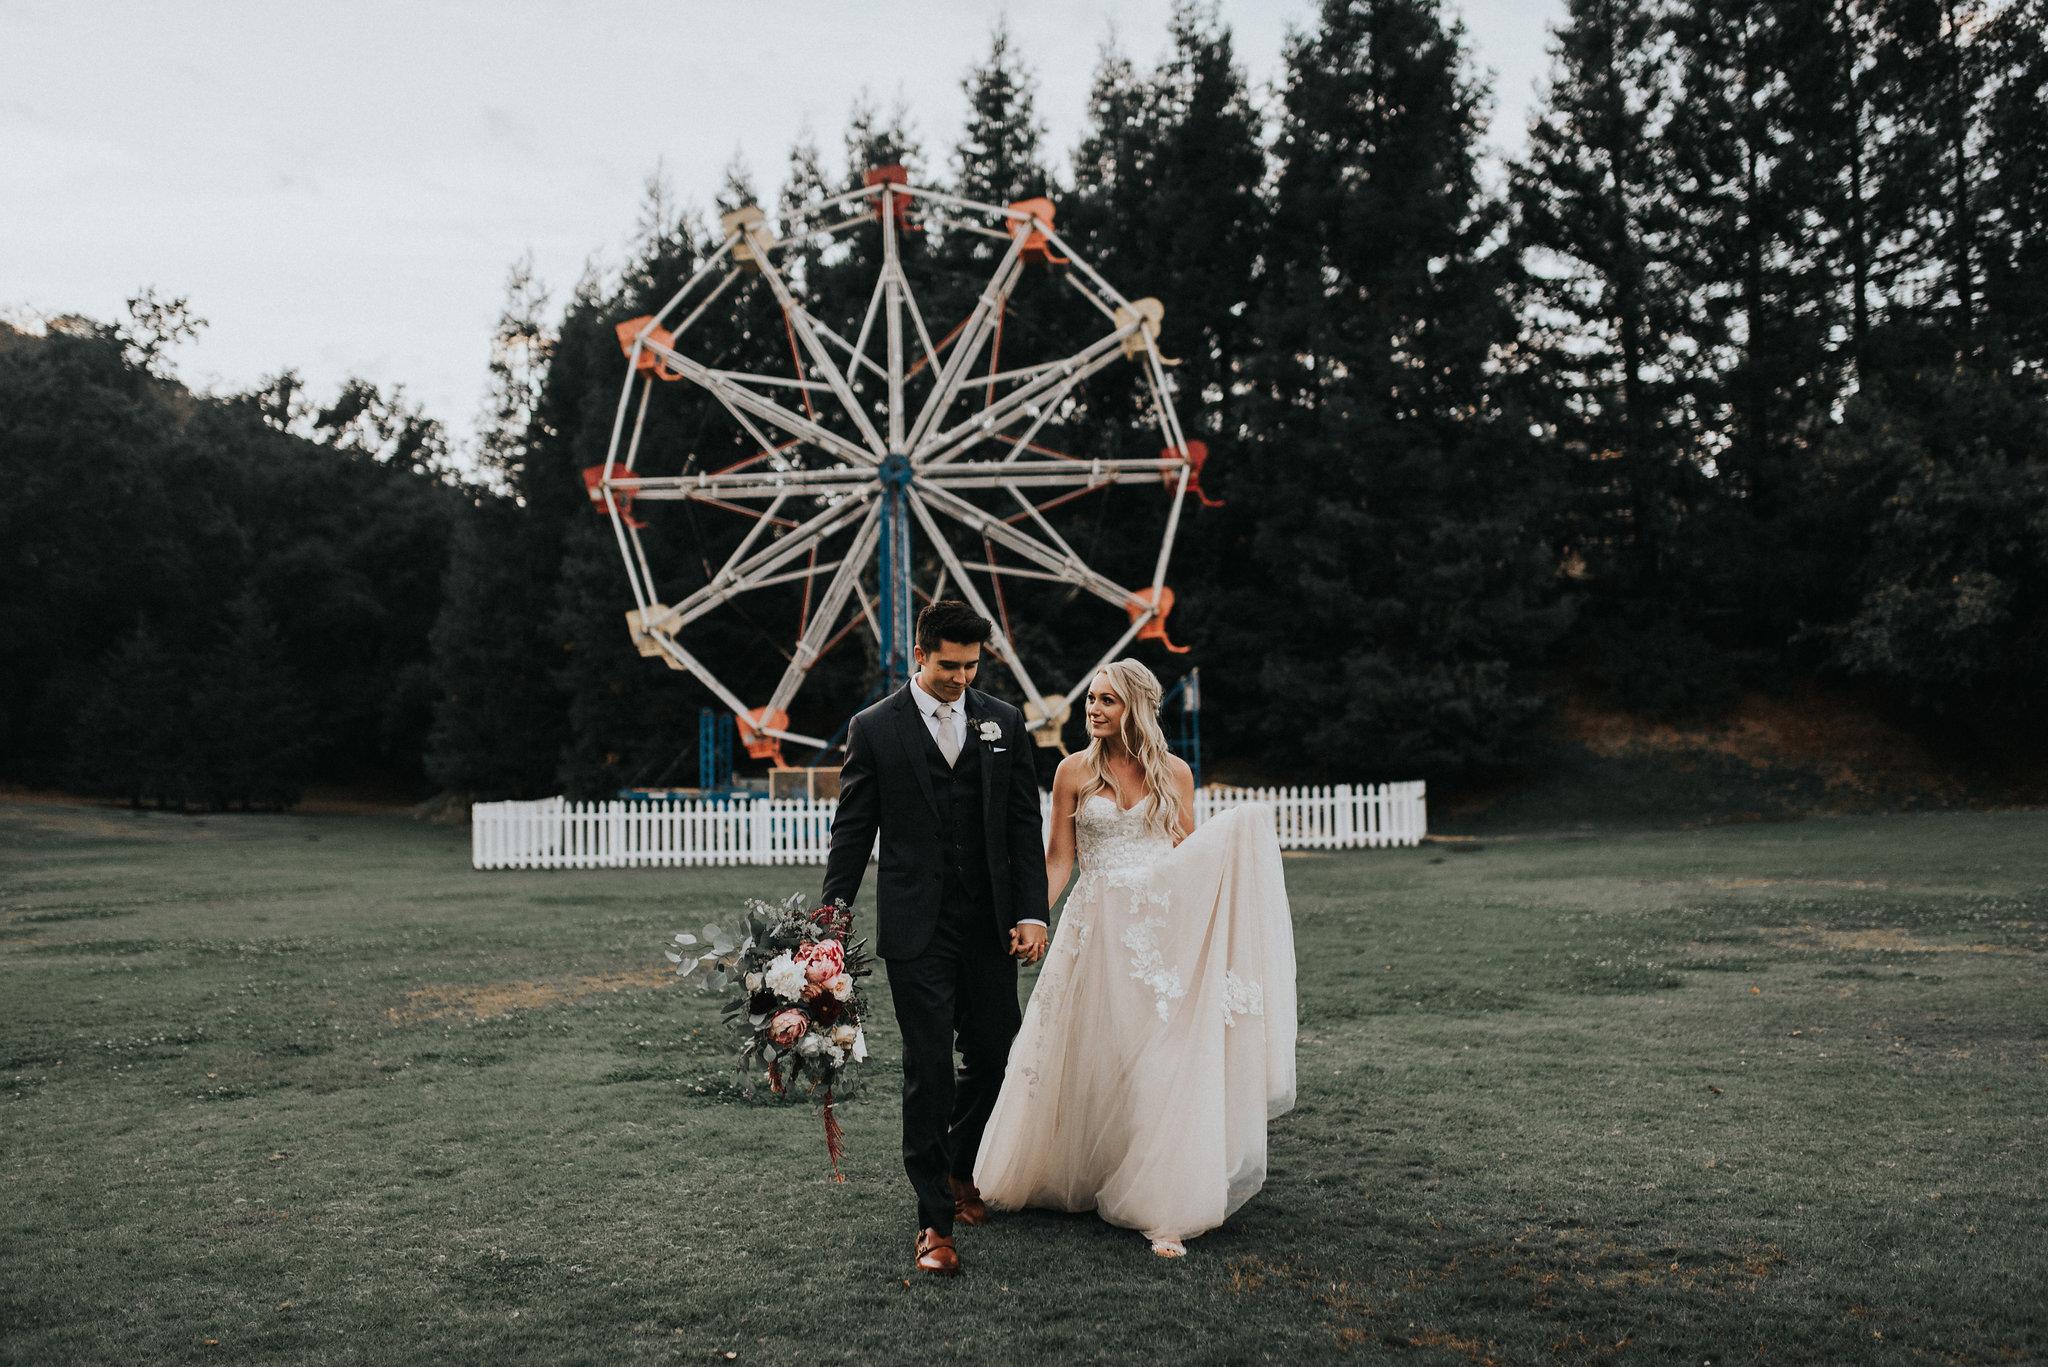 Calimigos Ranch Wedding105.jpg